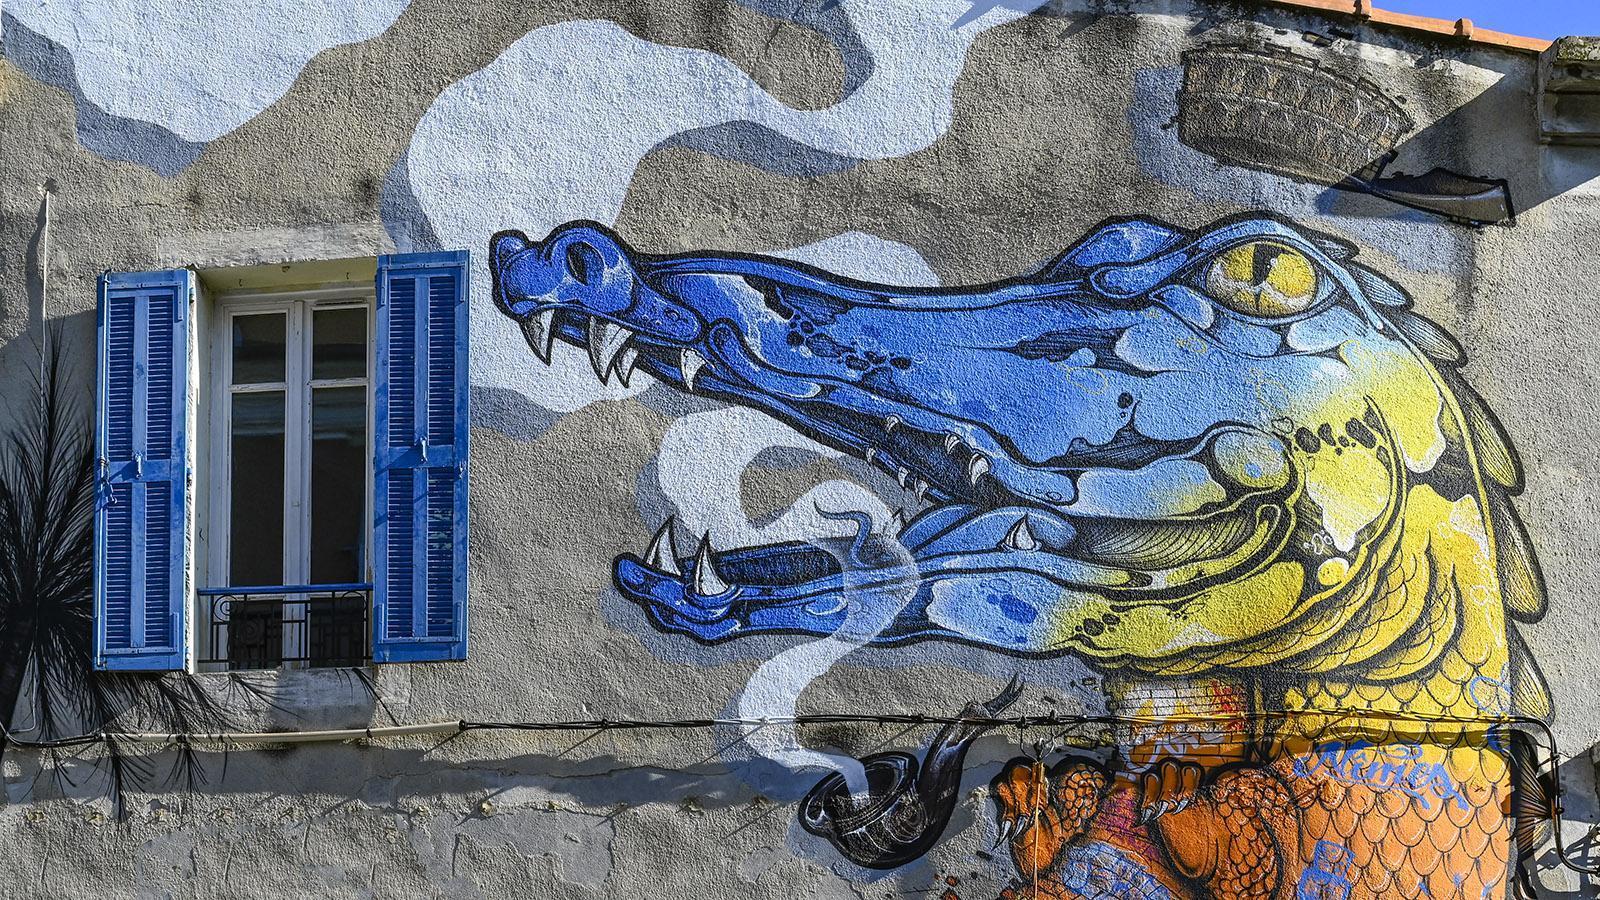 Das Krokodil ziert auch die Fassaden - wie diese Echse im Quartier Gambetta. Foto: Hilke Maunder